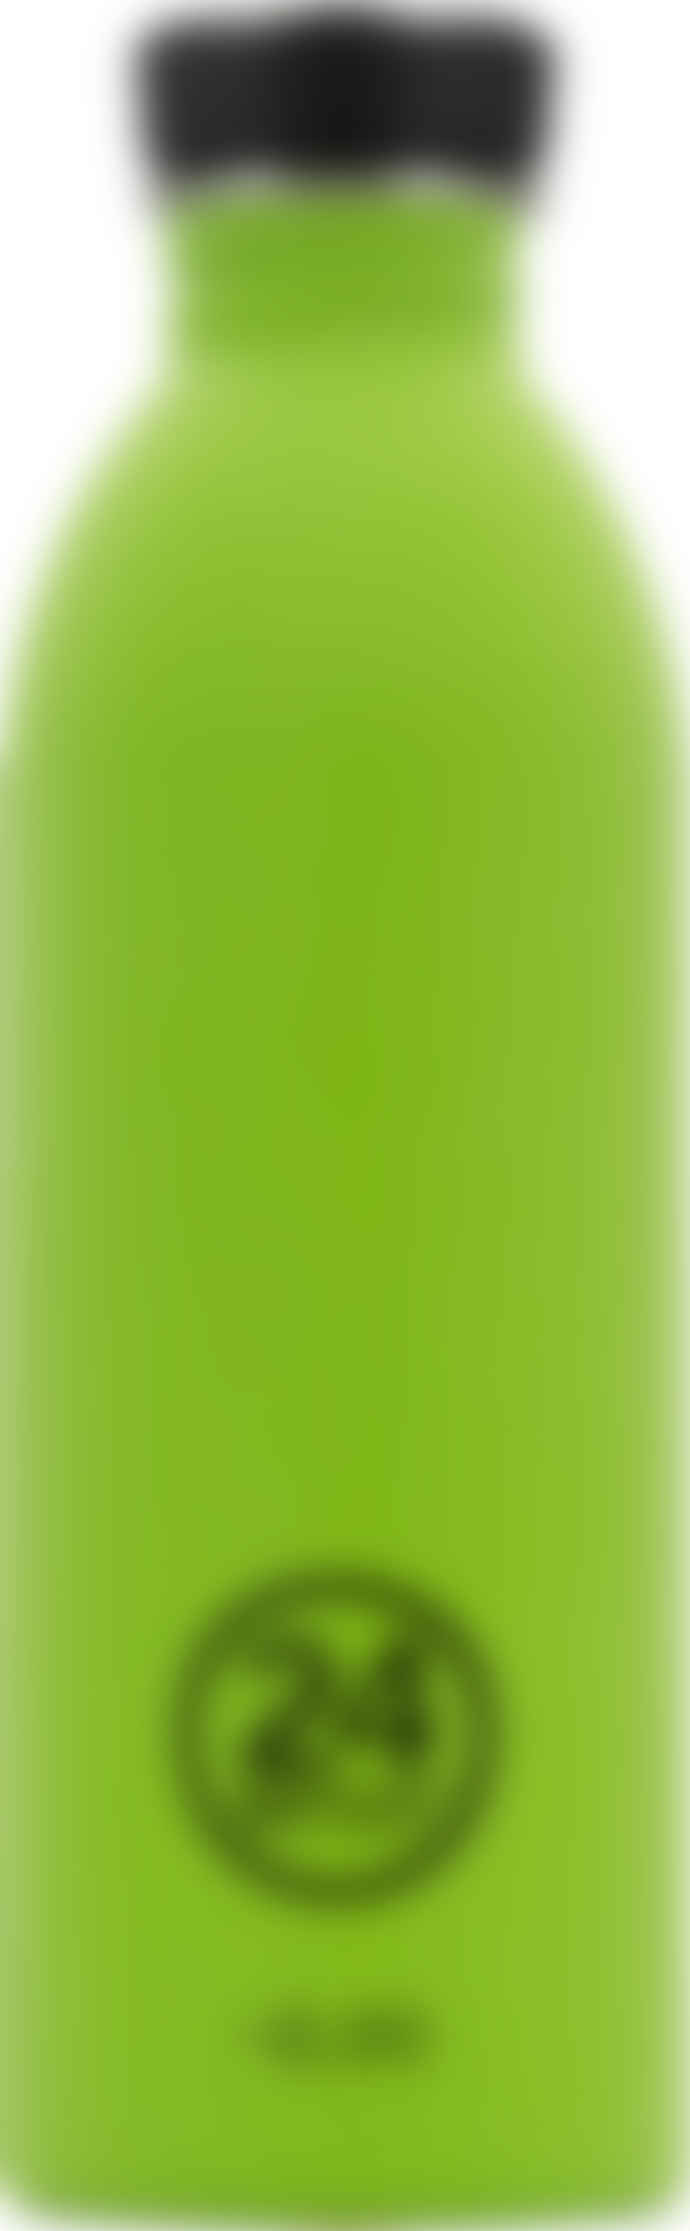 24Bottles 500ml Lime Green Urban Bottle